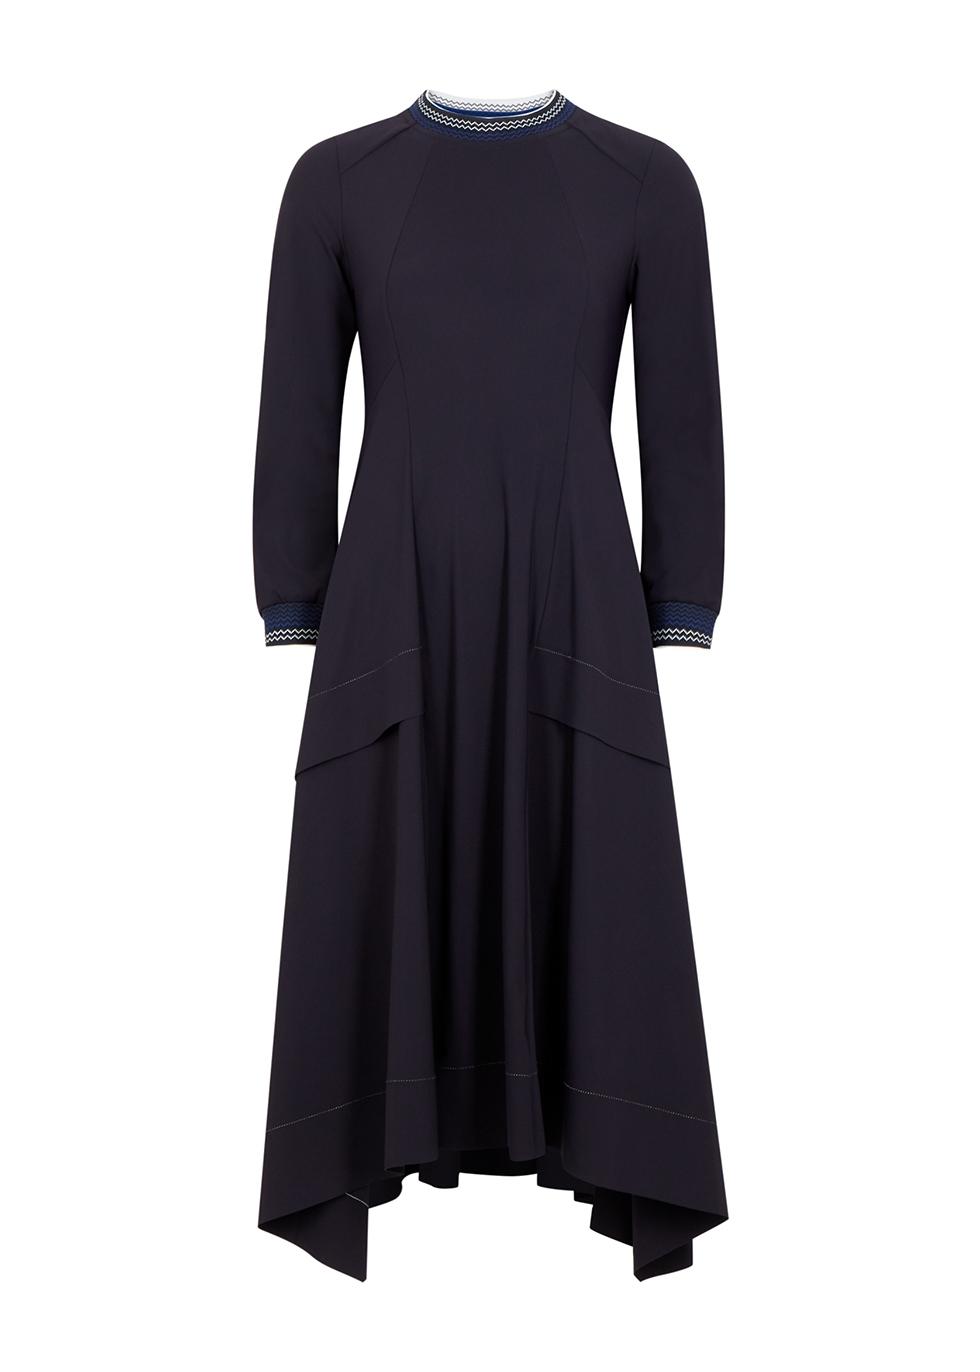 Devotee navy stretch-jersey midi dress